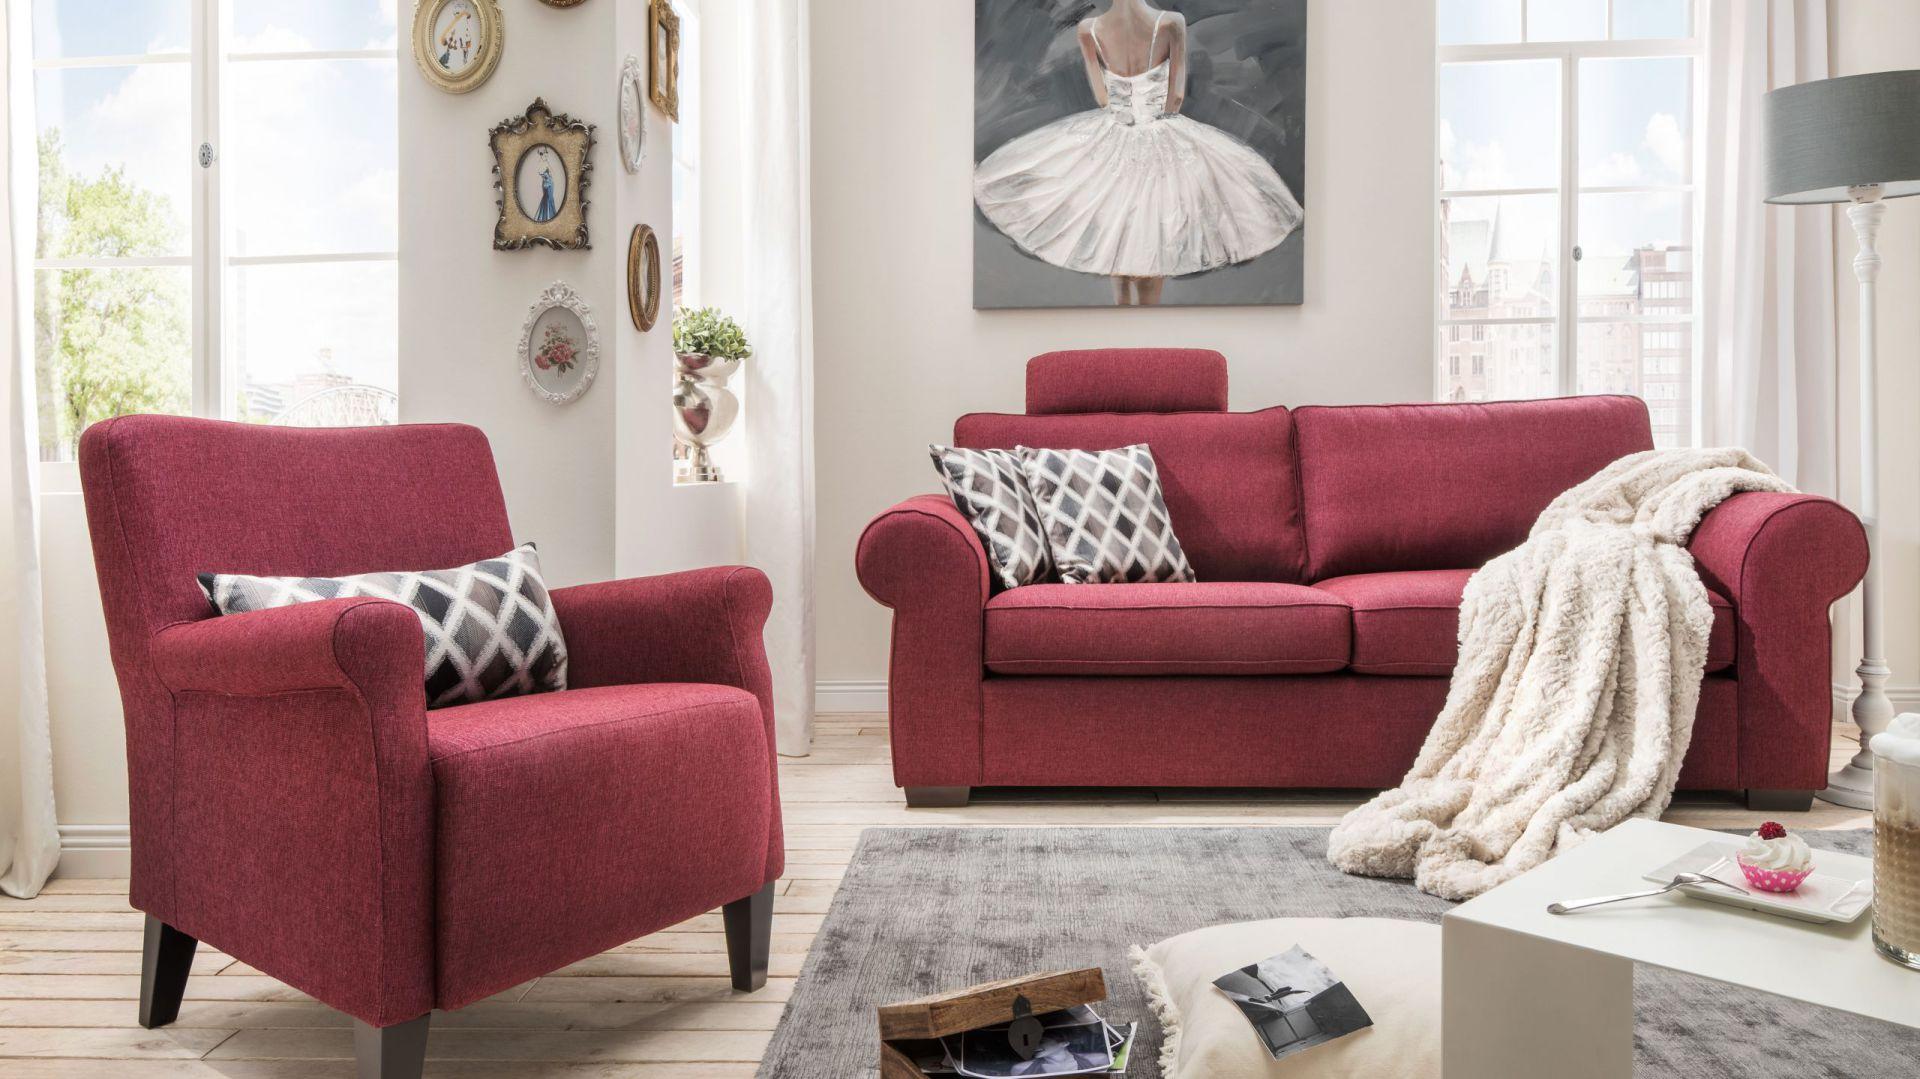 Zestaw mebli wypoczynkowych Amarone tapicerowany tkaniną. Fot. Livingroom